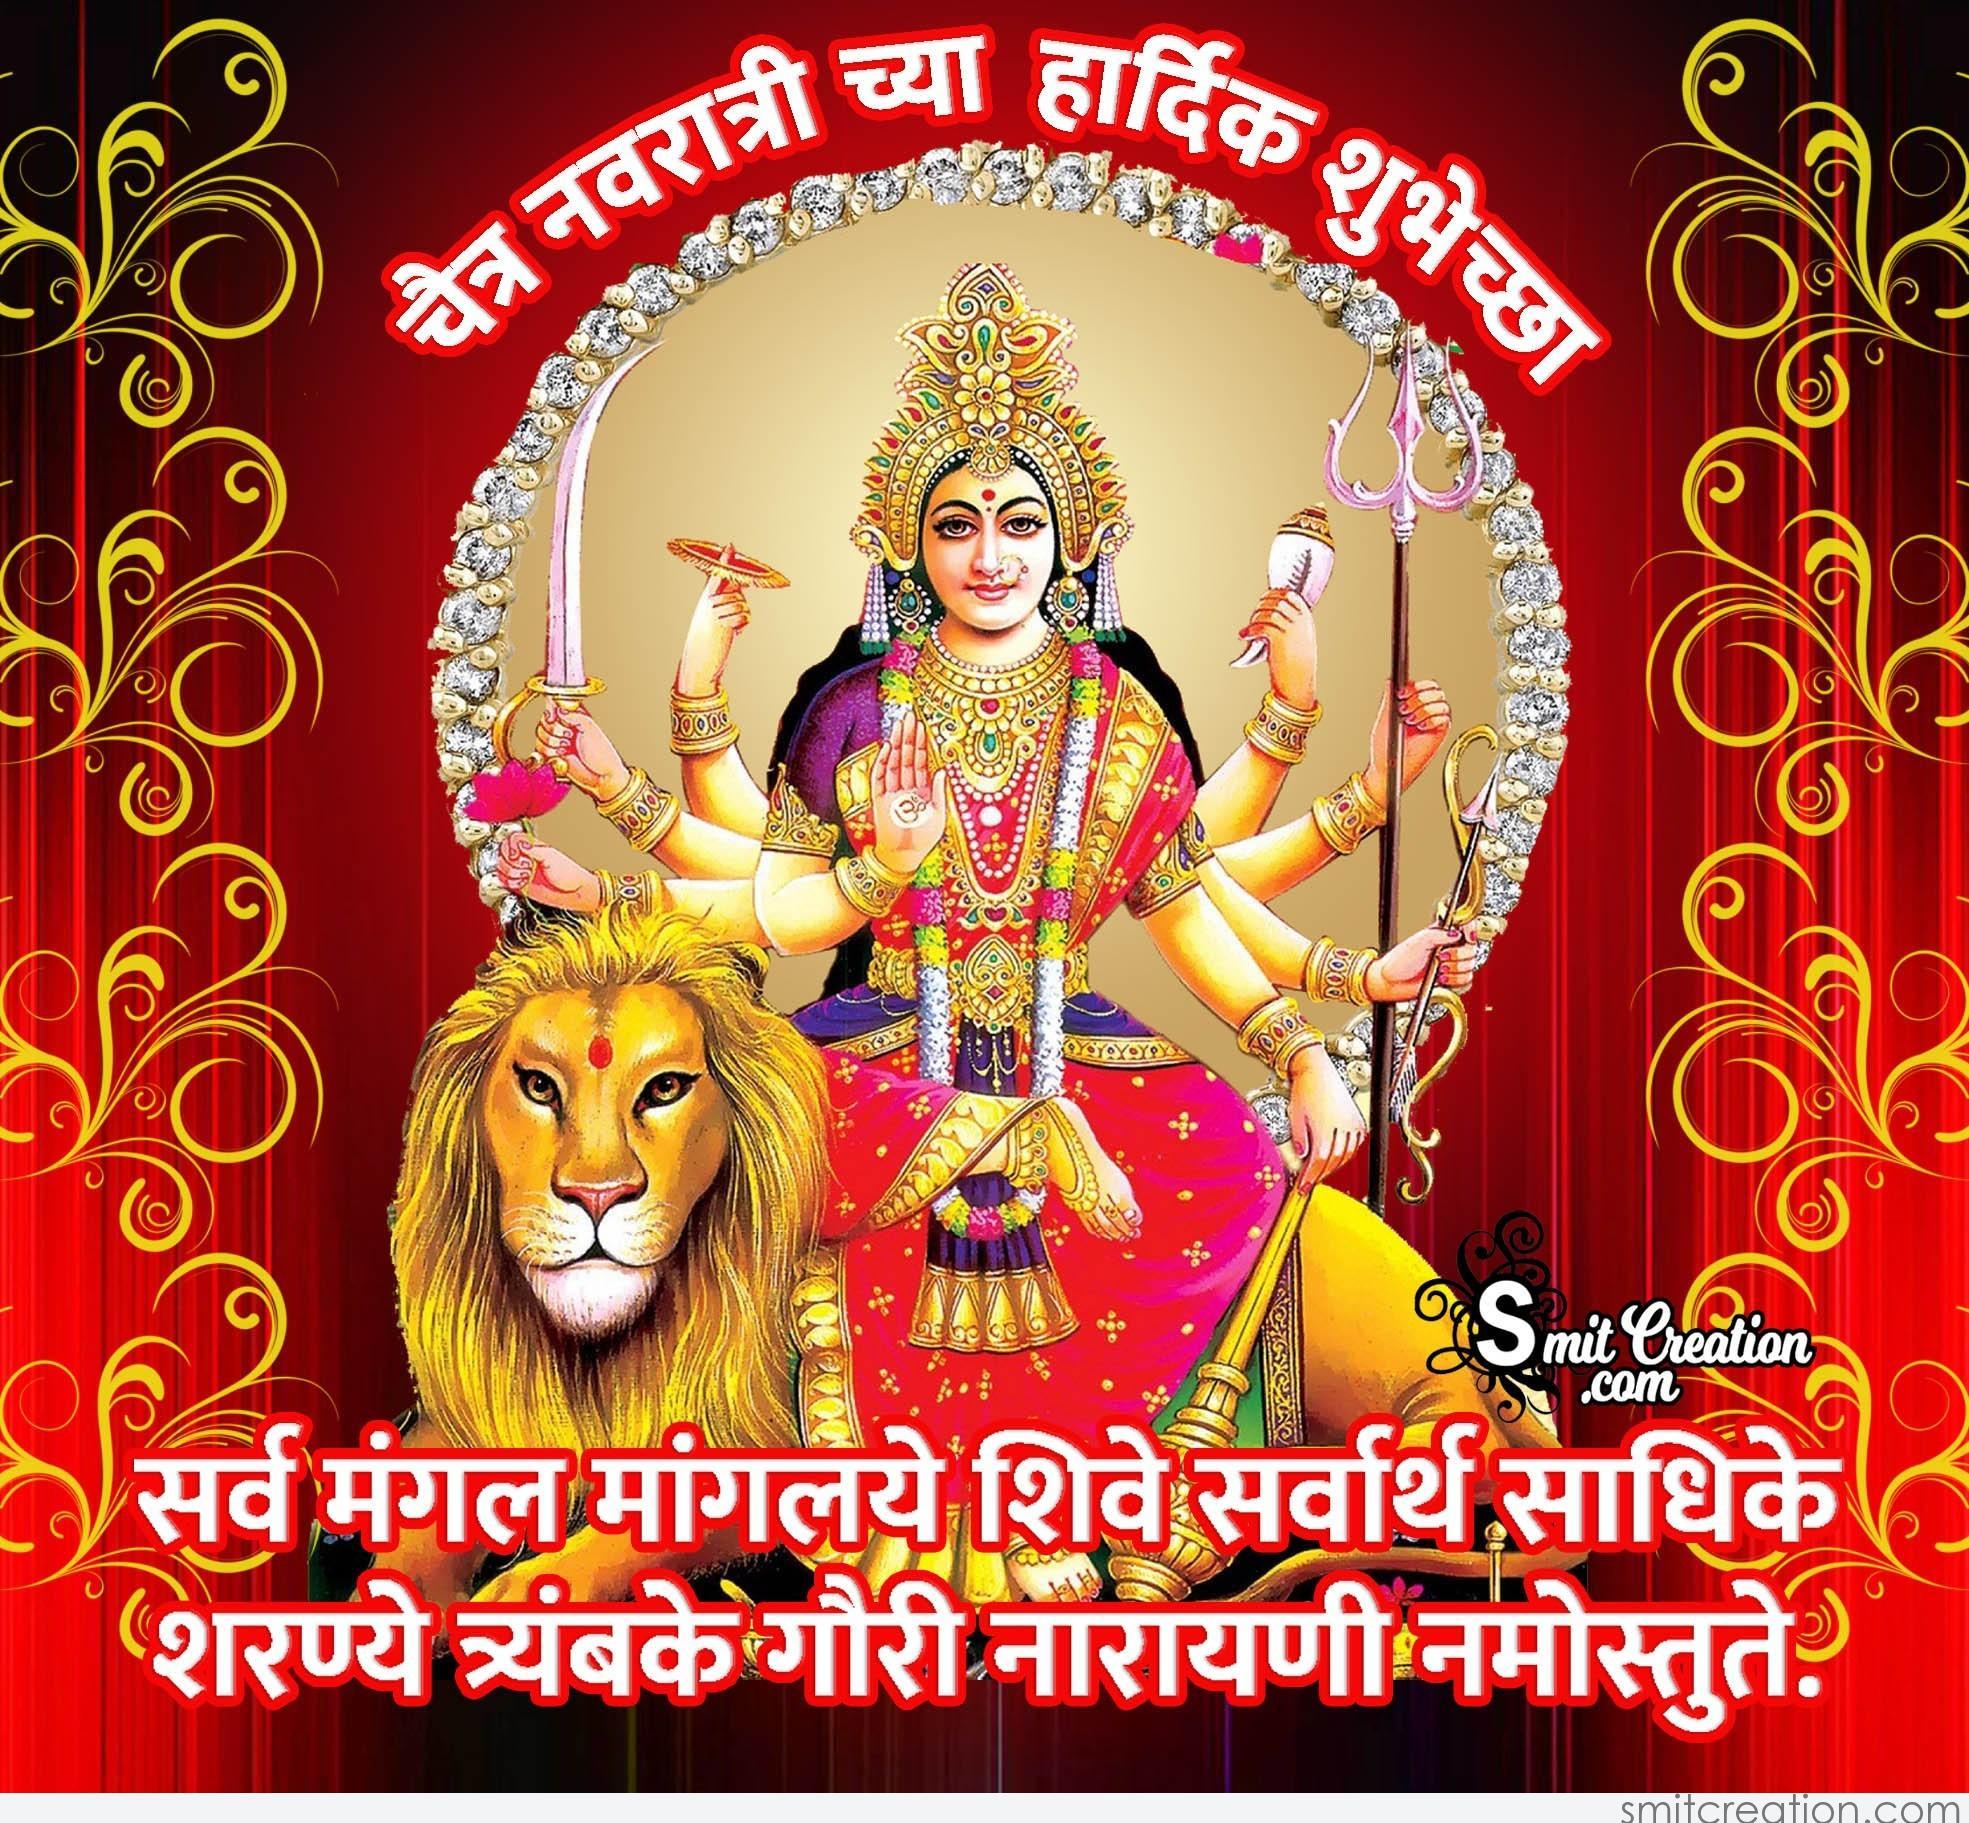 NAVRATRI CHYA HARDIK SHUBHECHHA IN MARATHI WALLPAPER Vadhdivas Chya Hardik Shubhechha Hd